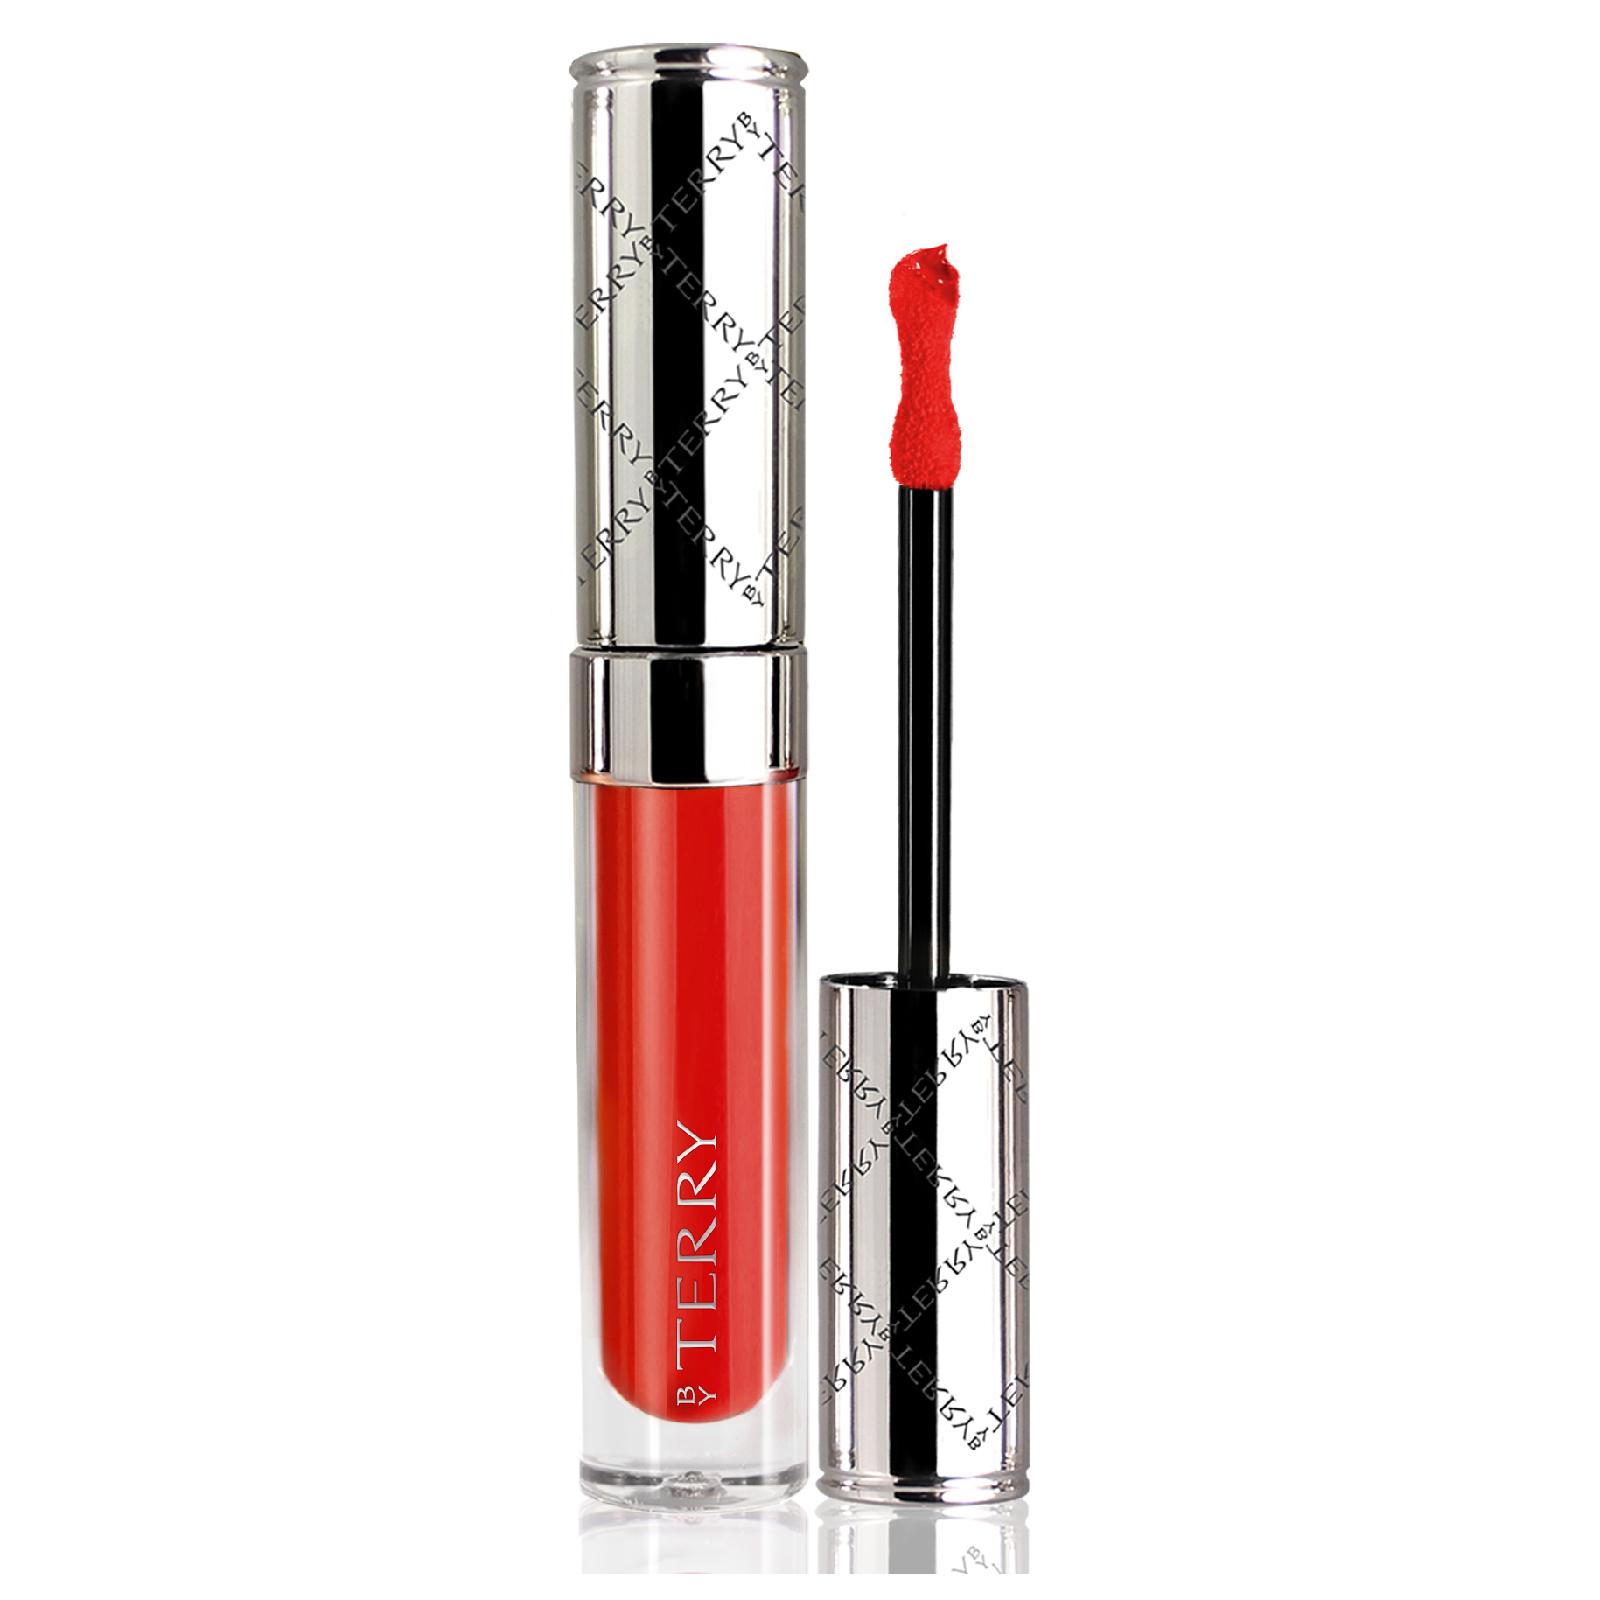 Купить Бархатная жидкая помада By Terry Terrybly Velvet Rouge Lipstick 2 мл (различные оттенки) - 8. INGU Rouge